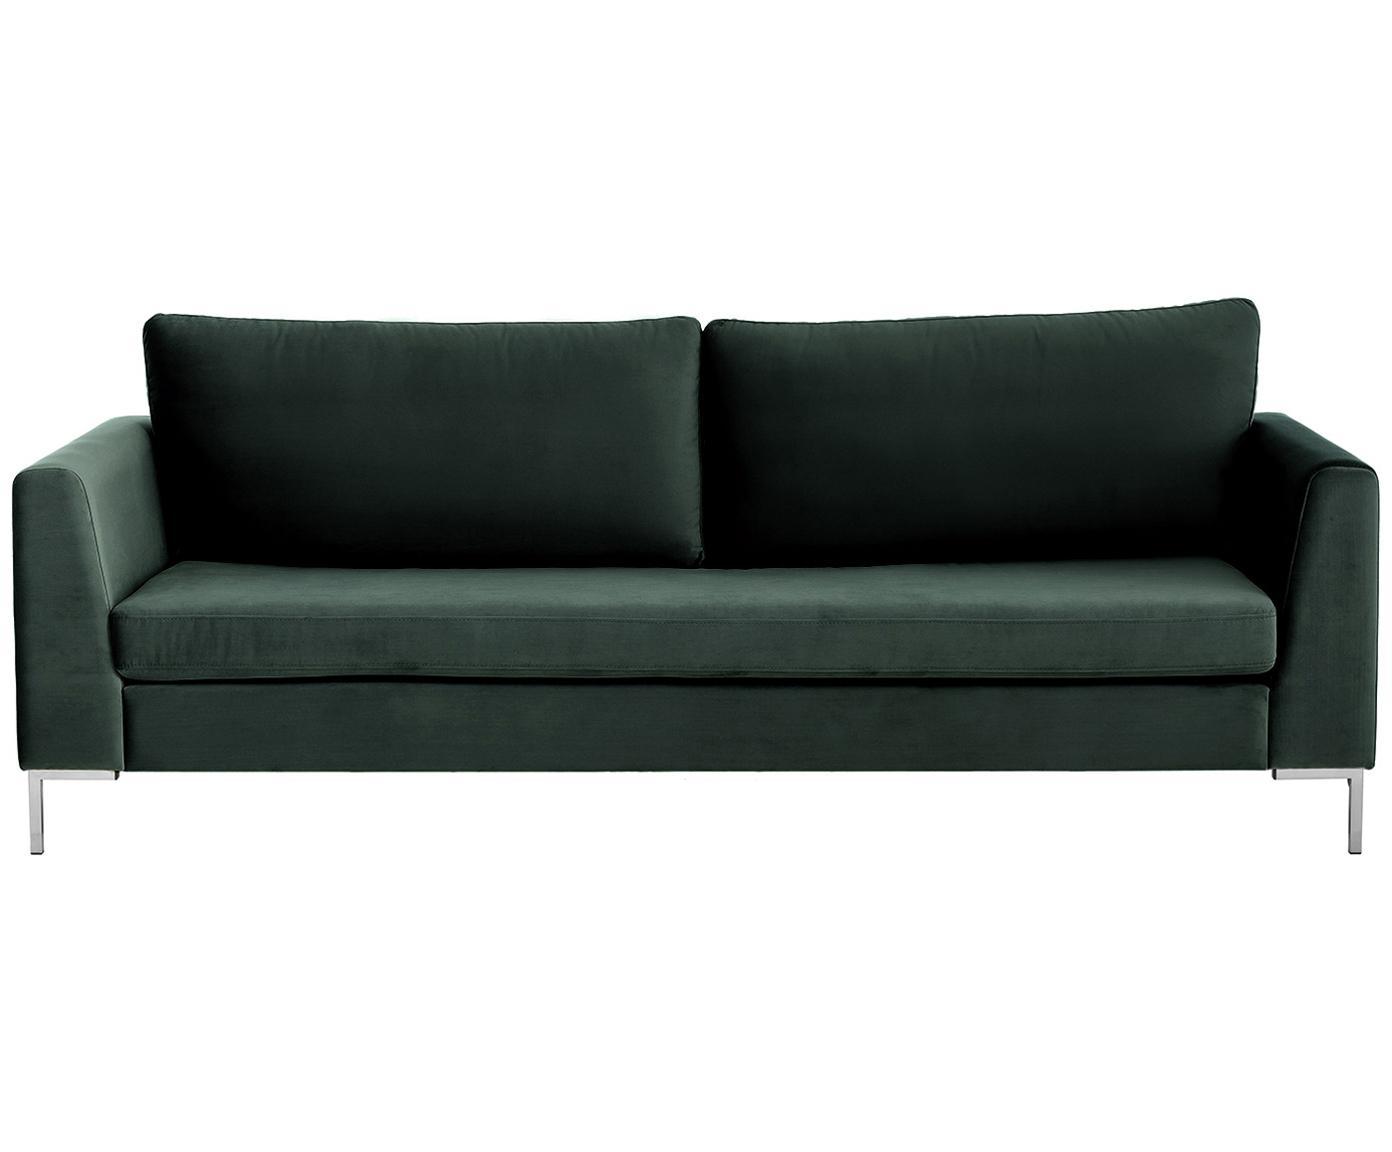 Sofa z aksamitu Luna (3-osobowa), Tapicerka: aksamit (poliester) 8000, Stelaż: lite drewno bukowe, Nogi: metal galwanizowany, Ciemnyzielony, S 230 x G 95 cm